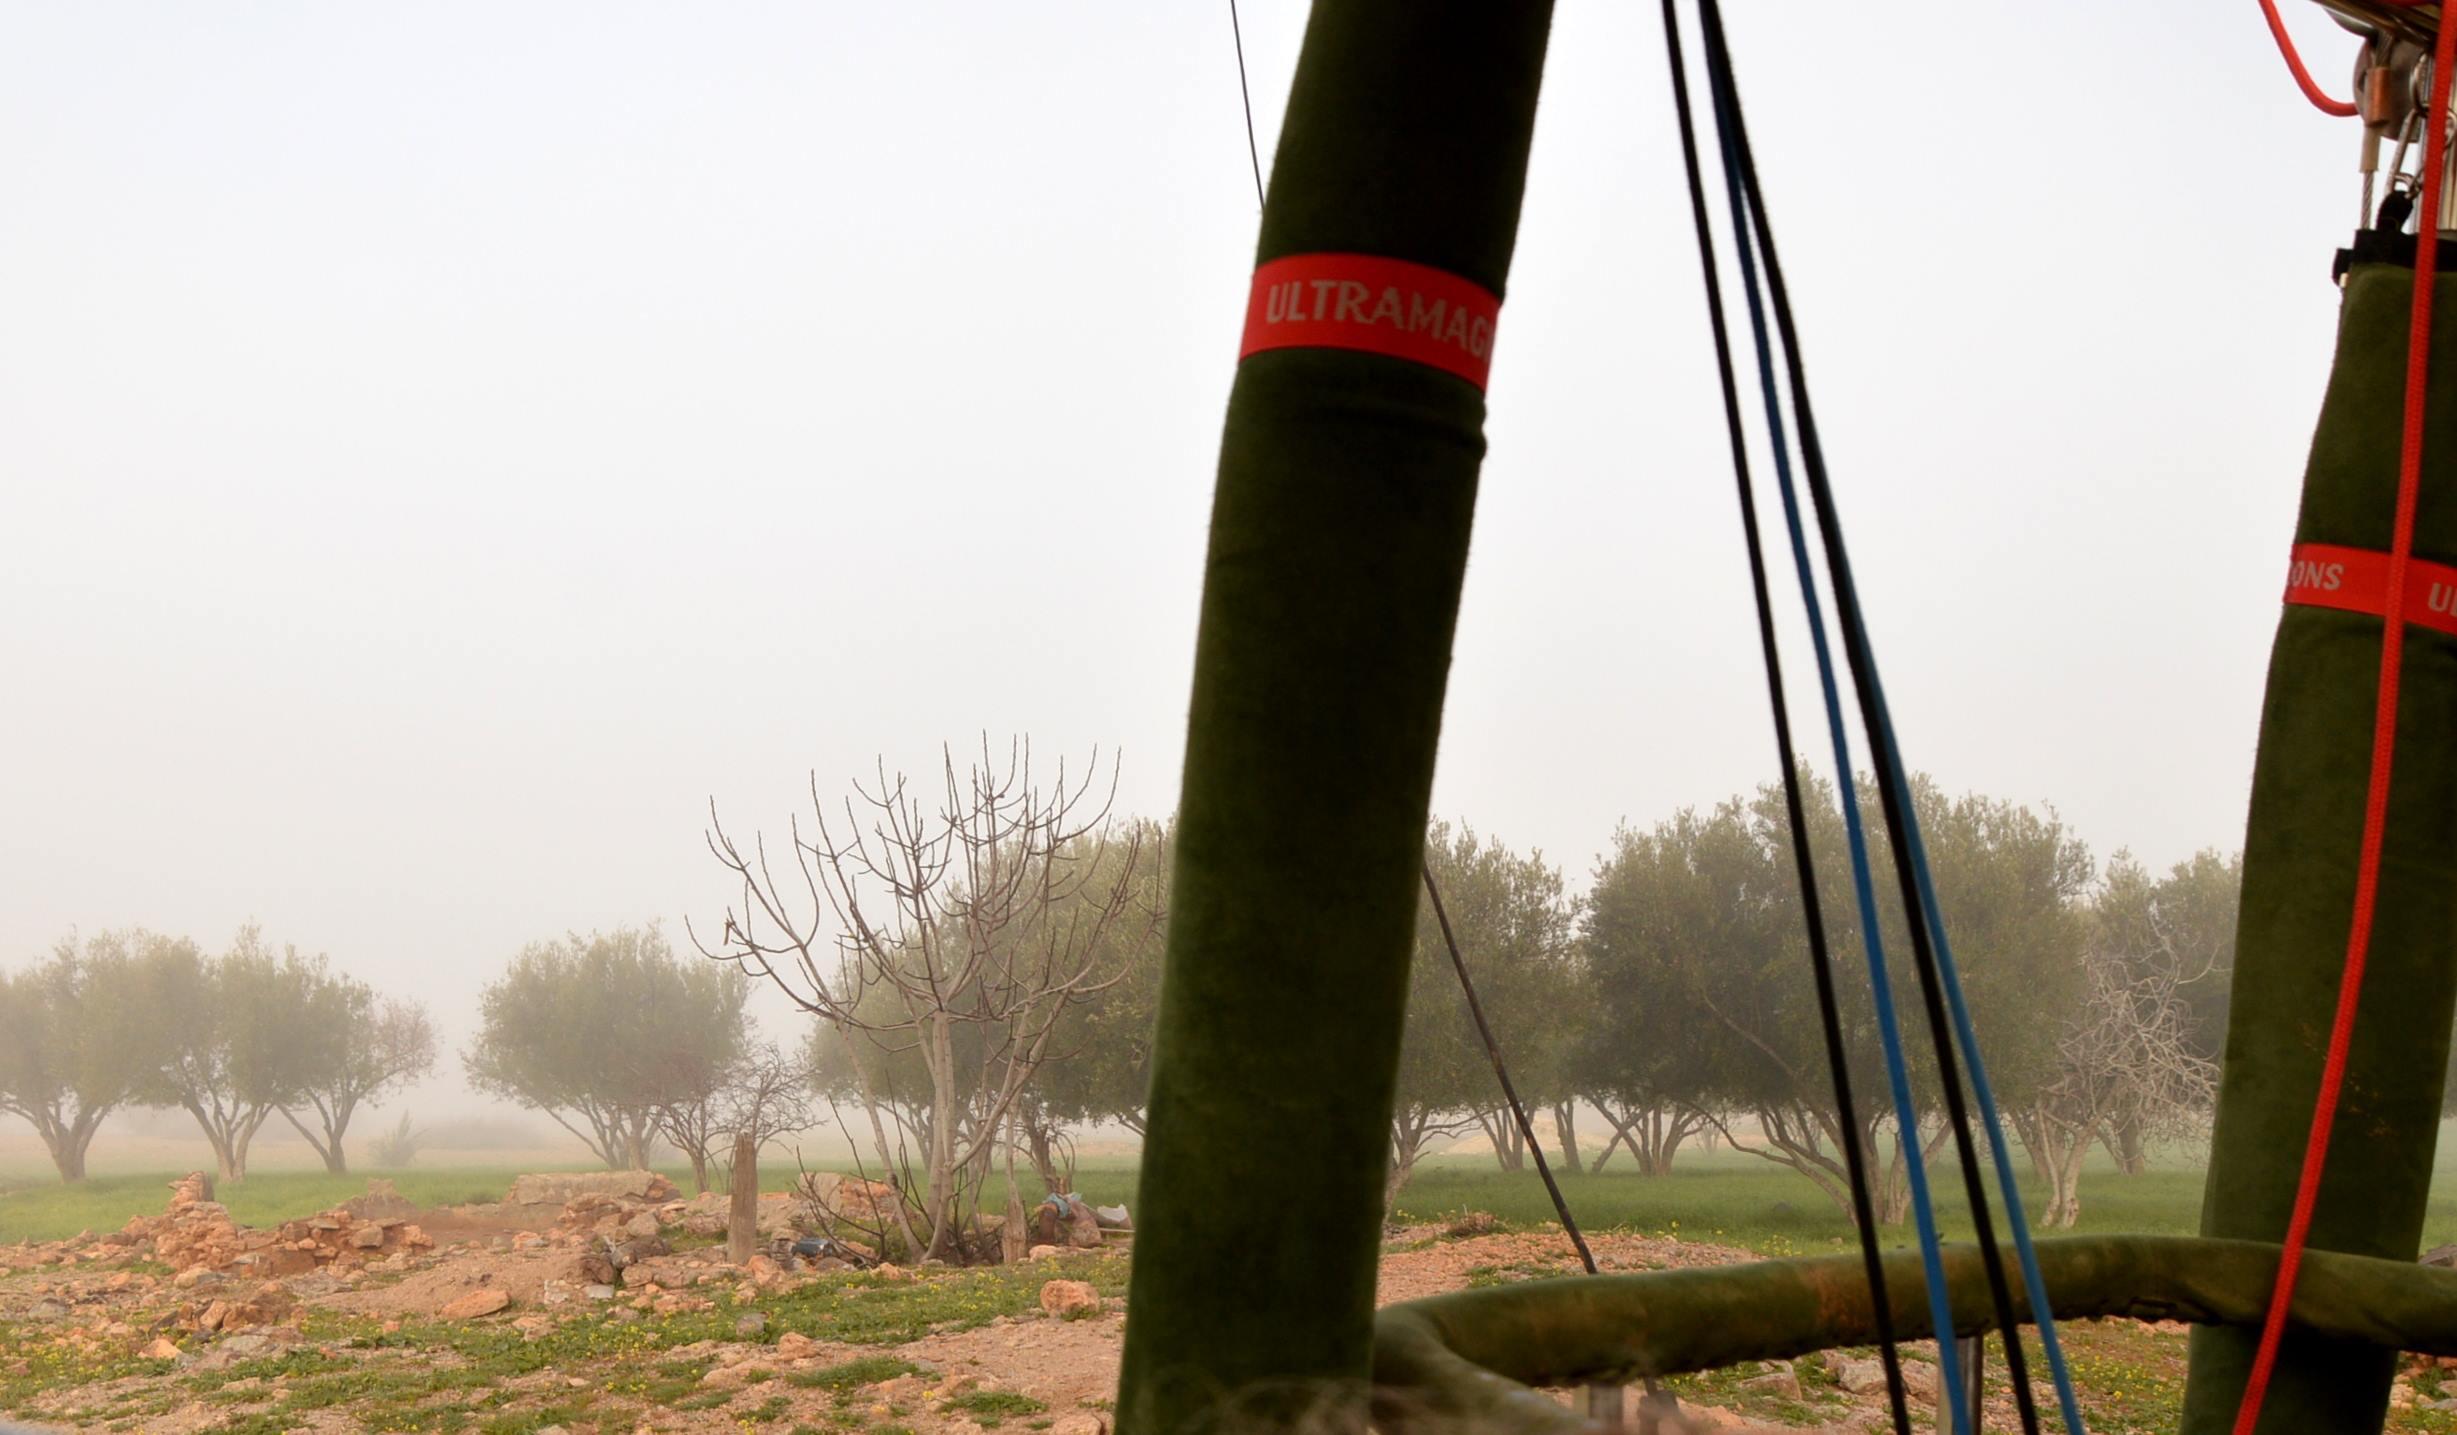 Mit dem Heißluftballon über Marrakesch schweben staedtereisen sonne marokko afrika  tui berlin ballon landung